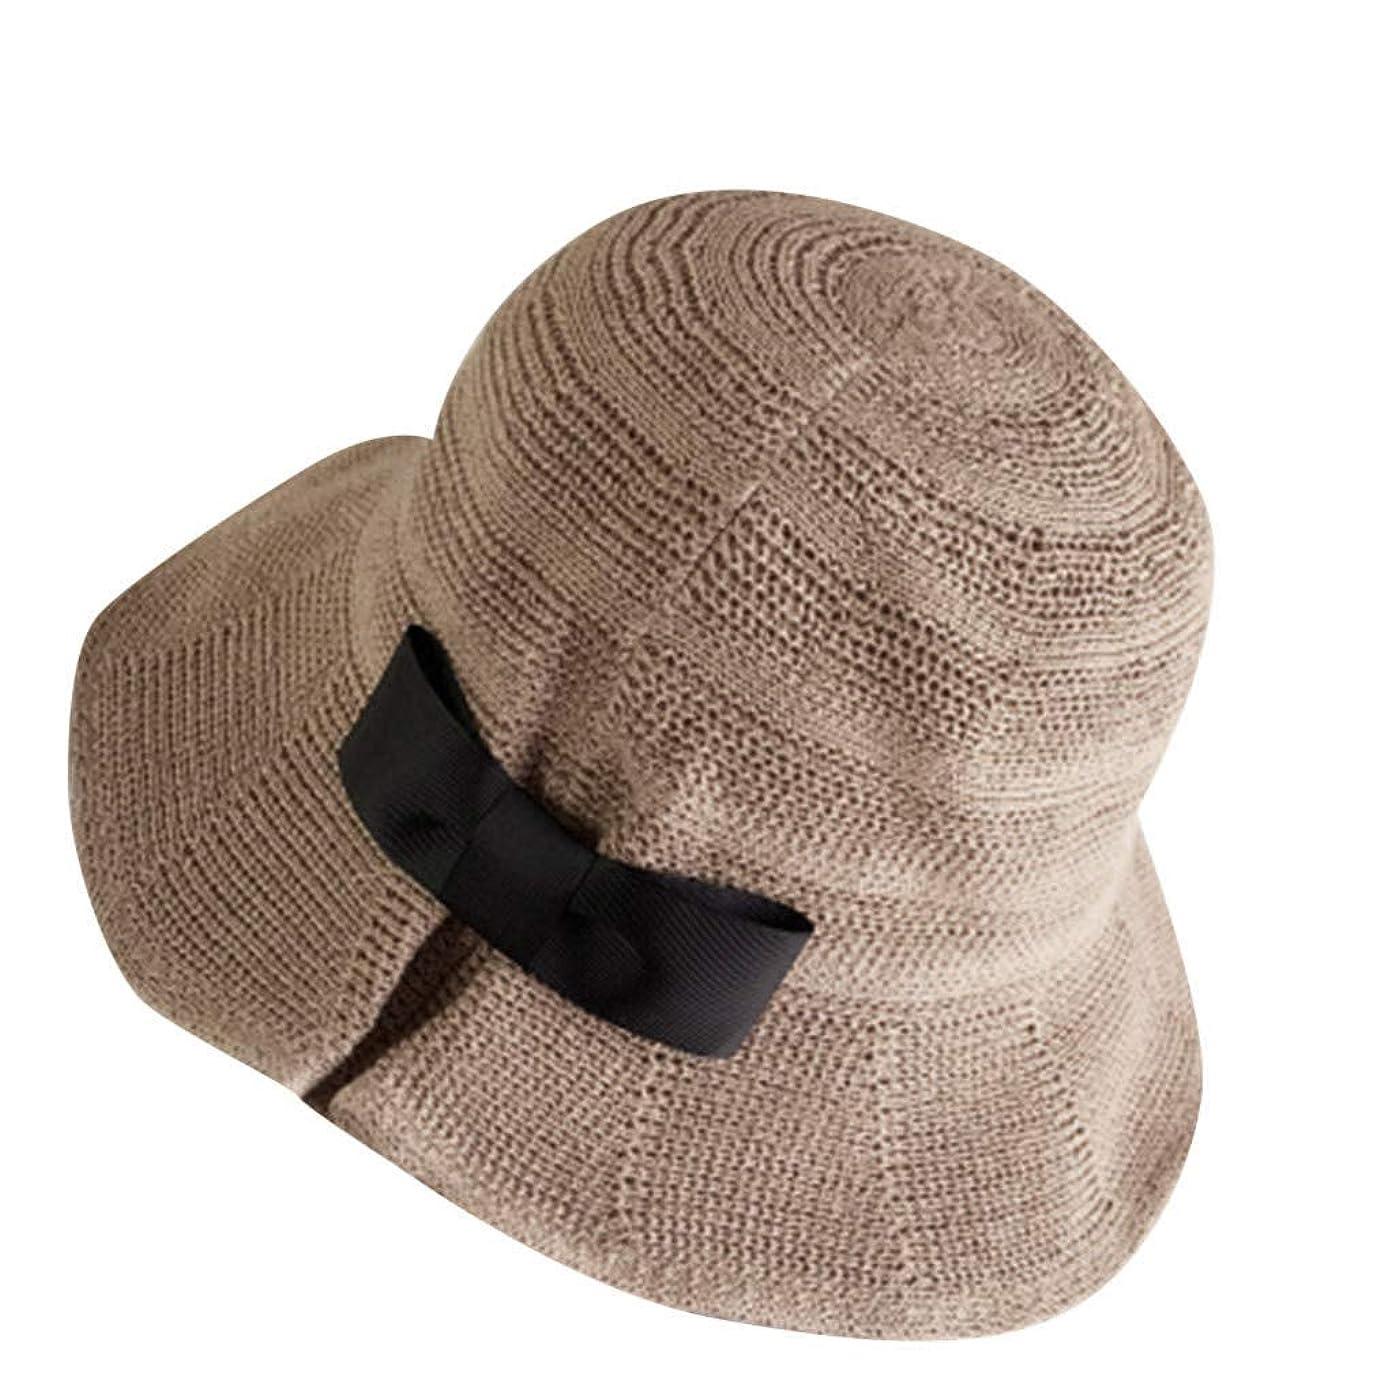 やるねじれディプロマサンバイザー 帽子 レディース 大きいサイズ 日よけ つば広 紫外線対策 小顔効果抜群 春夏 お出かけ用 ビーチハット 蝶結び ハット レディース 日除け帽子 紫外線対策 キャップ 漁師の帽子 漁師キャップ ROSE ROMAN